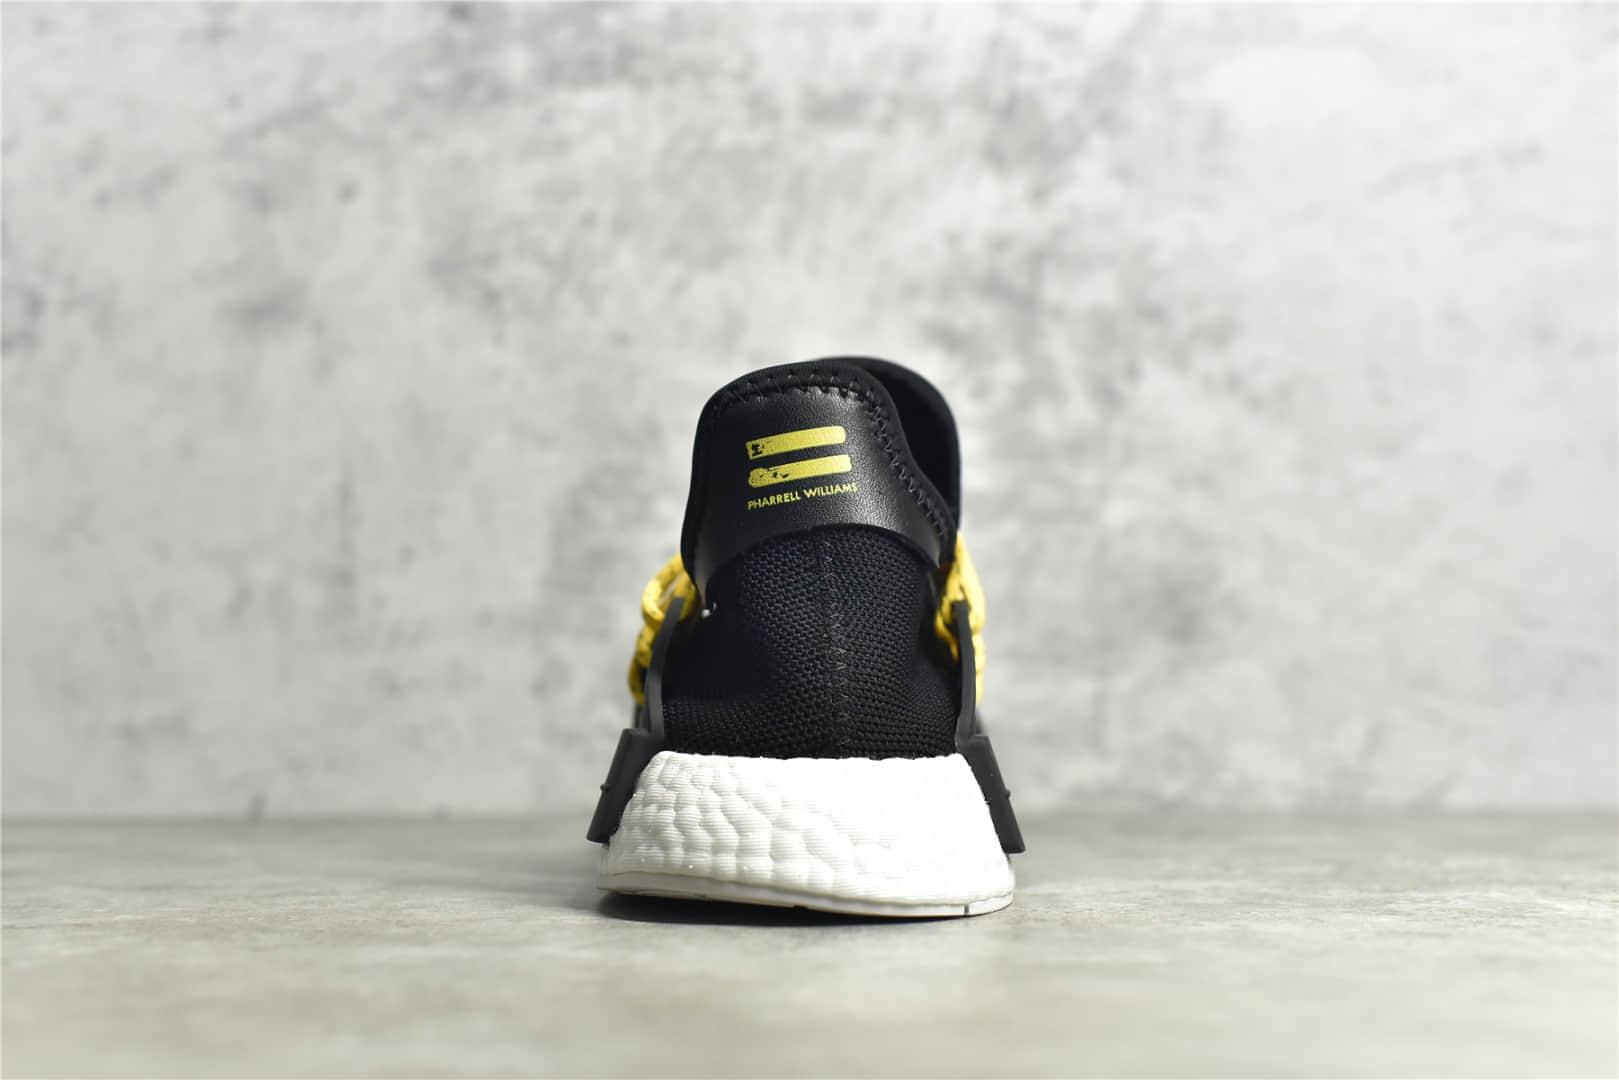 阿迪达斯菲董黑色跑鞋 Adidas PW HUMAN RACE NMD 阿迪达斯NMD三叶草轻跑鞋 货号:BB0619-潮流者之家